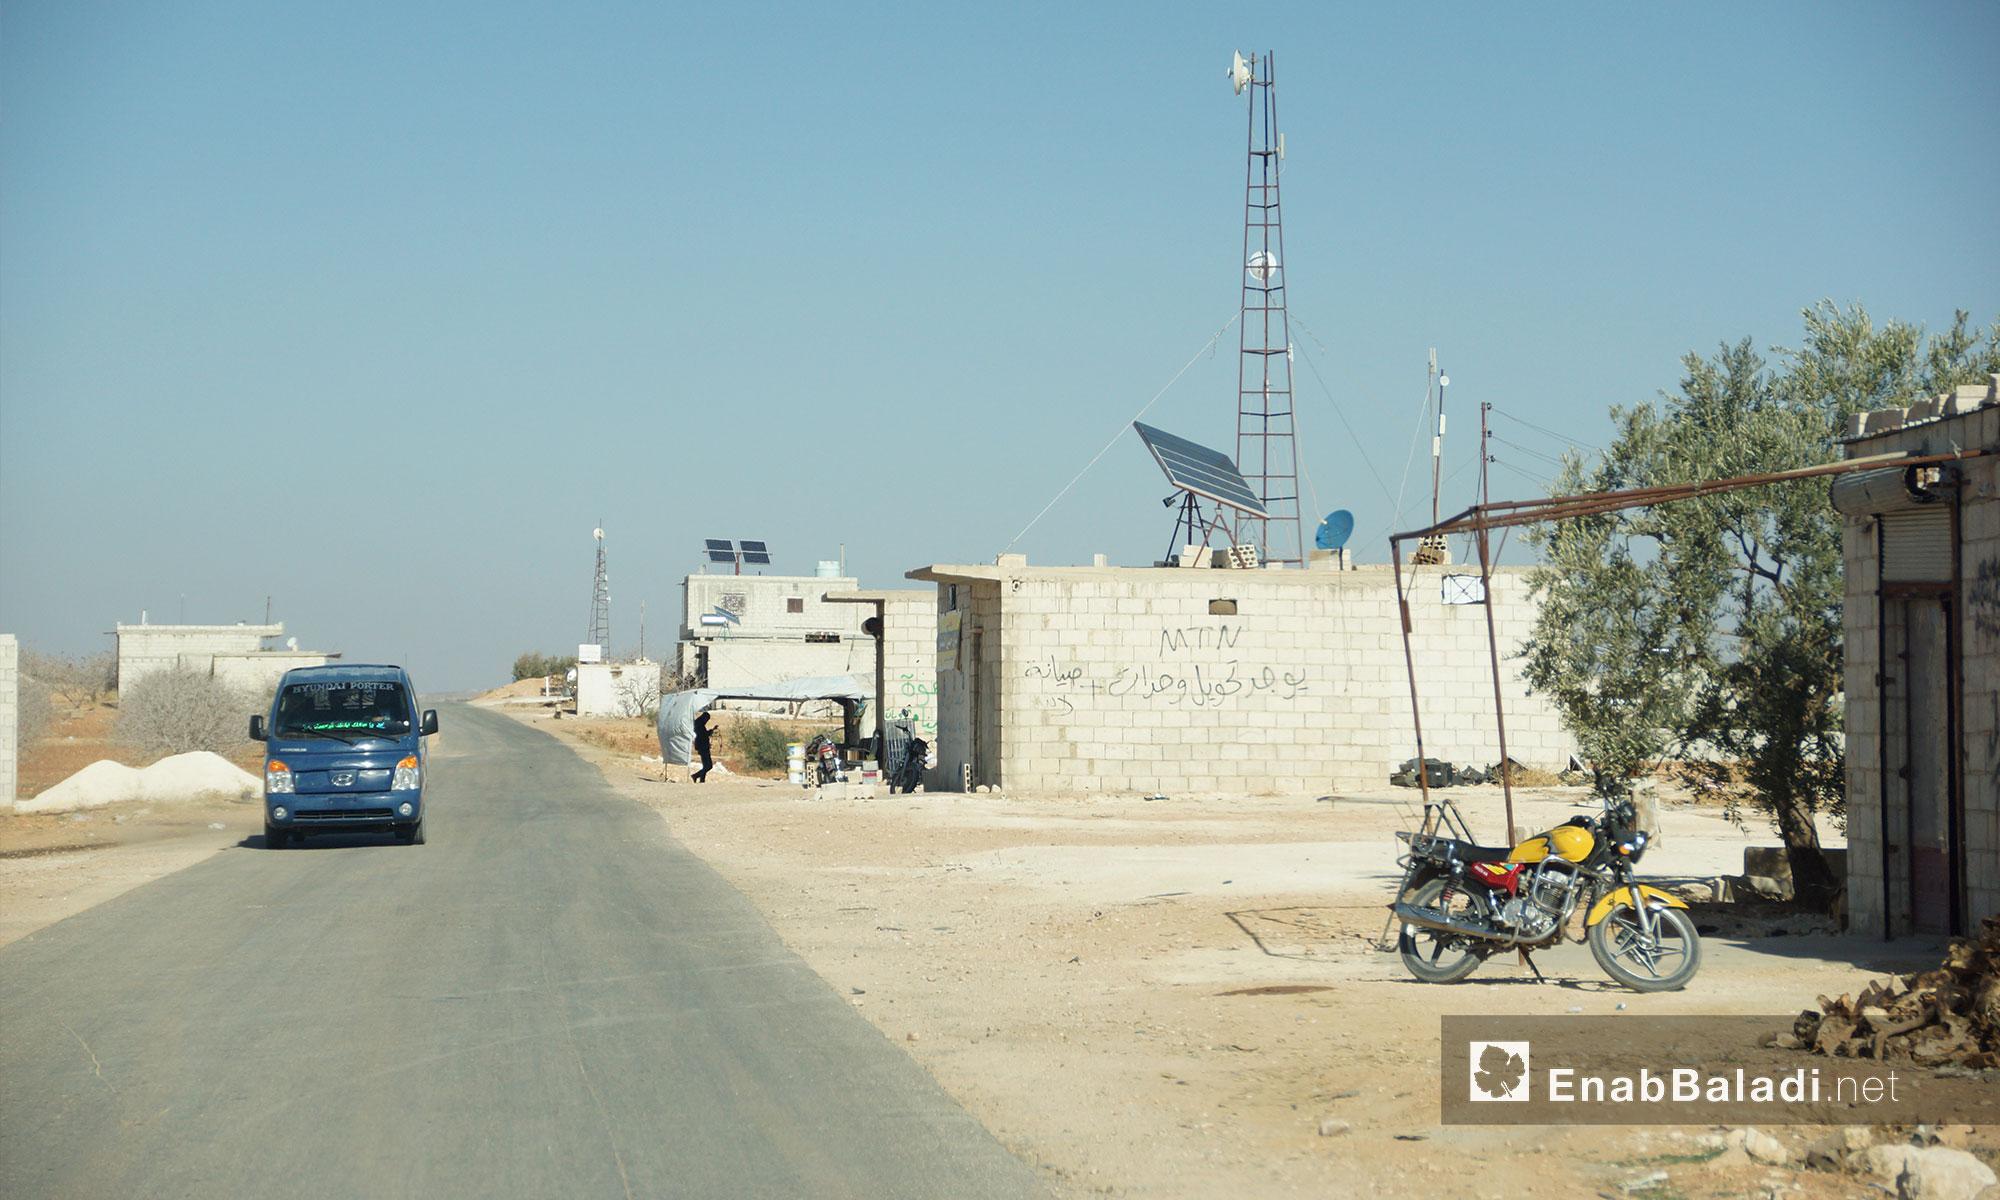 طريق (التمانعة - التح) ريف إدلب الجنوبي - 24 تشرين الثاني 2016 (عنب بلدي)